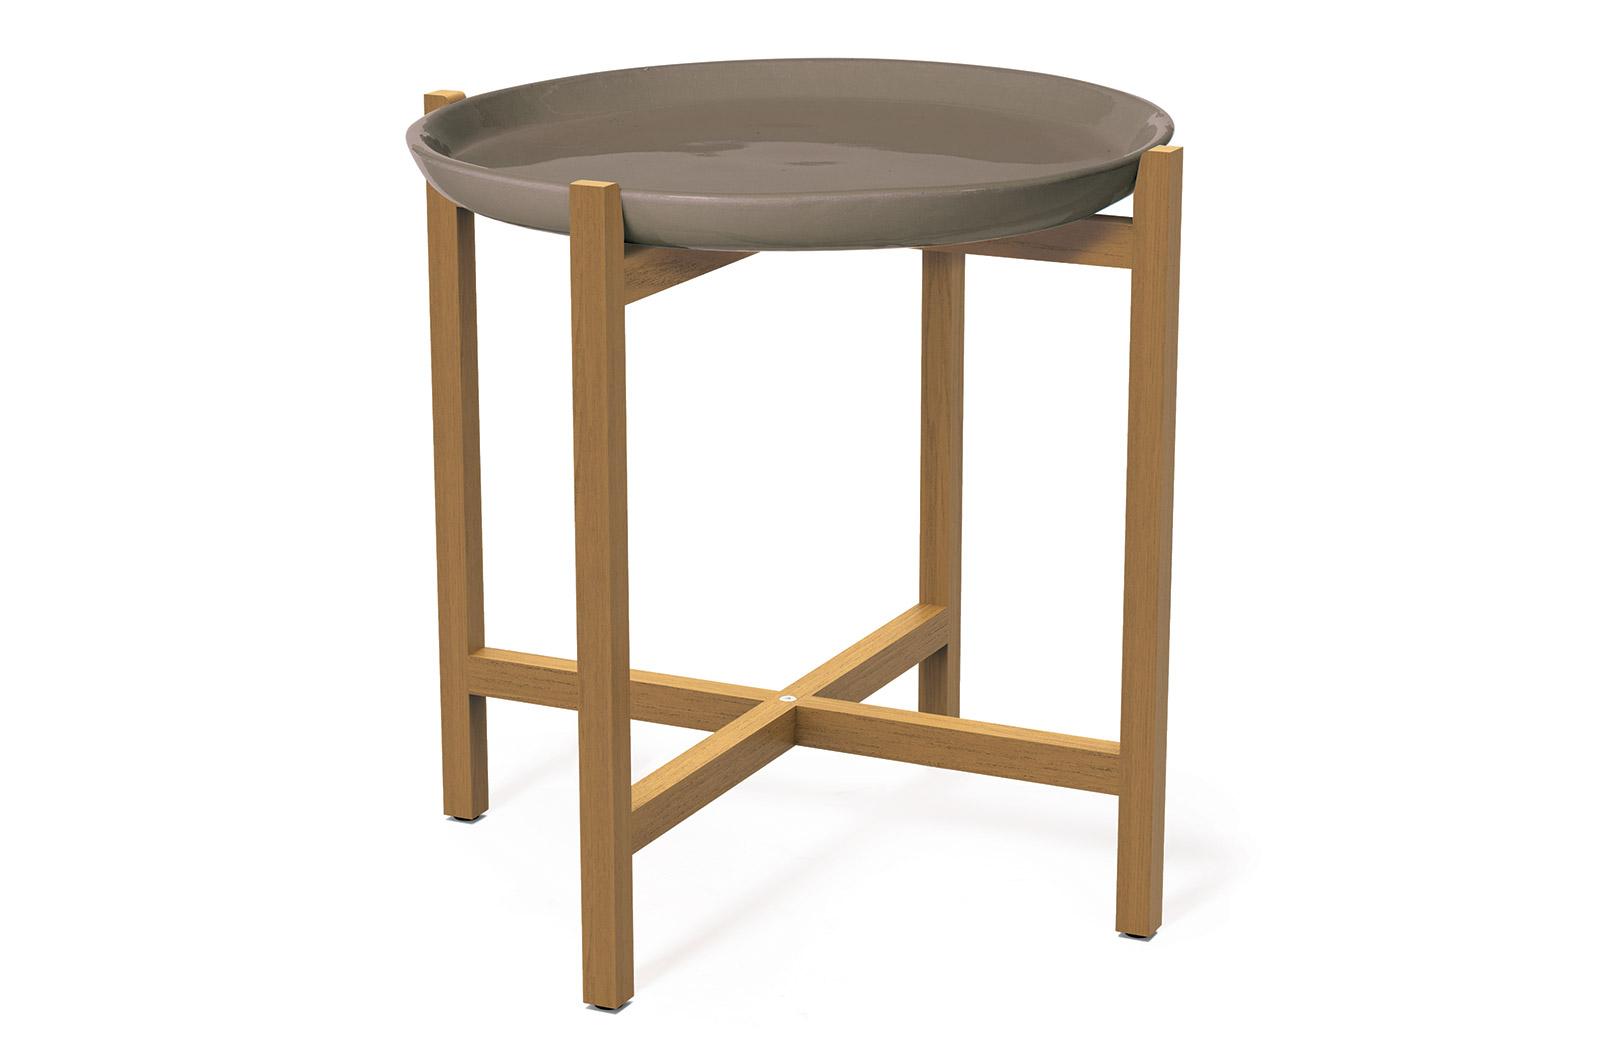 Attirant Ceramic Ibis Ceramic And Teak Accent Table